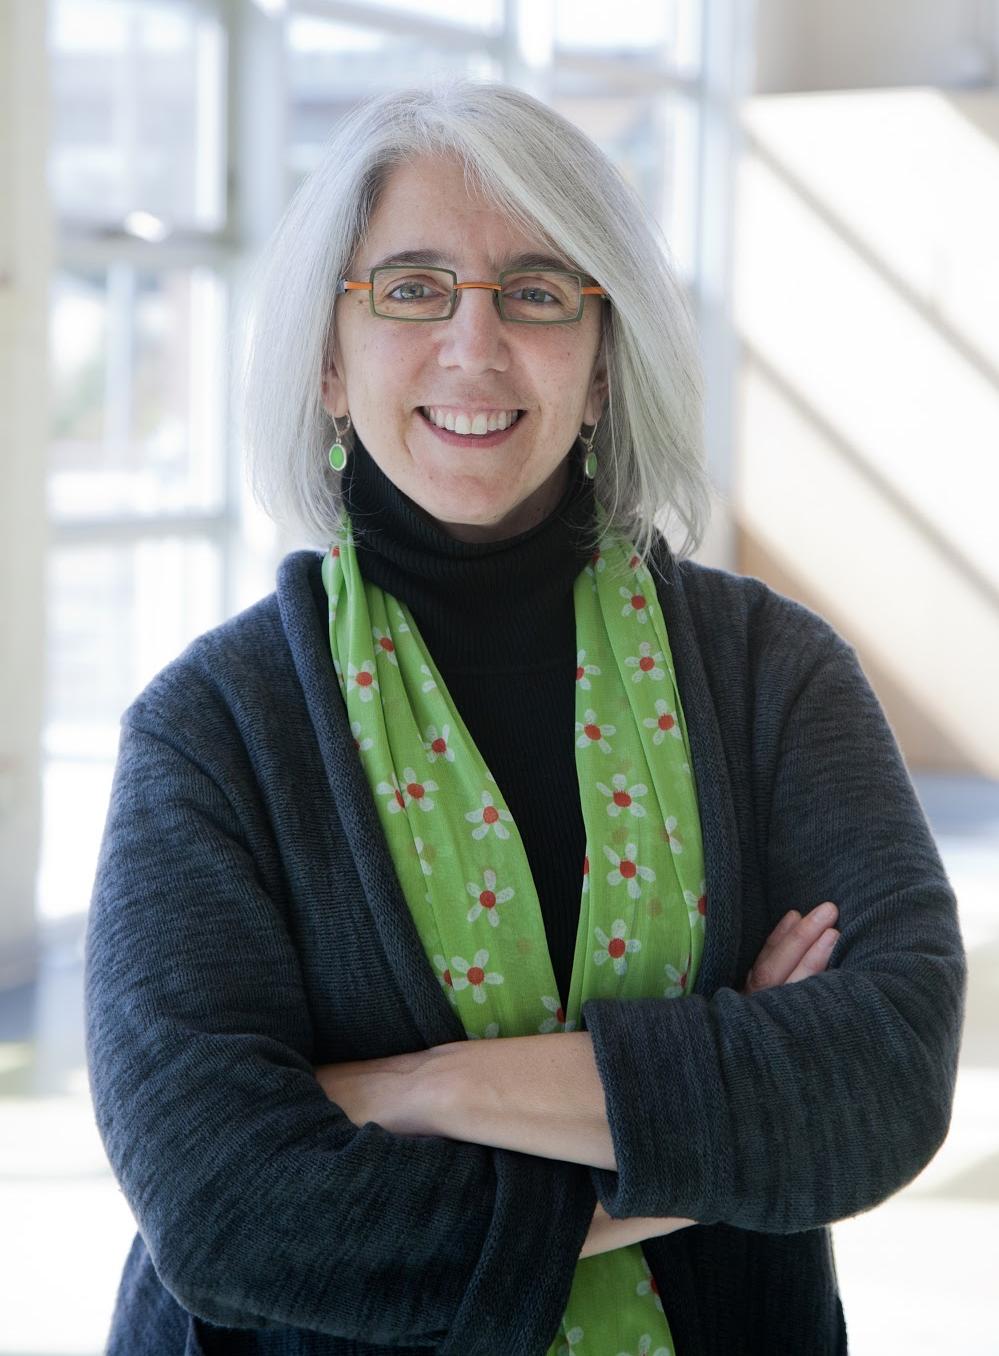 Linda Echt, Head of School